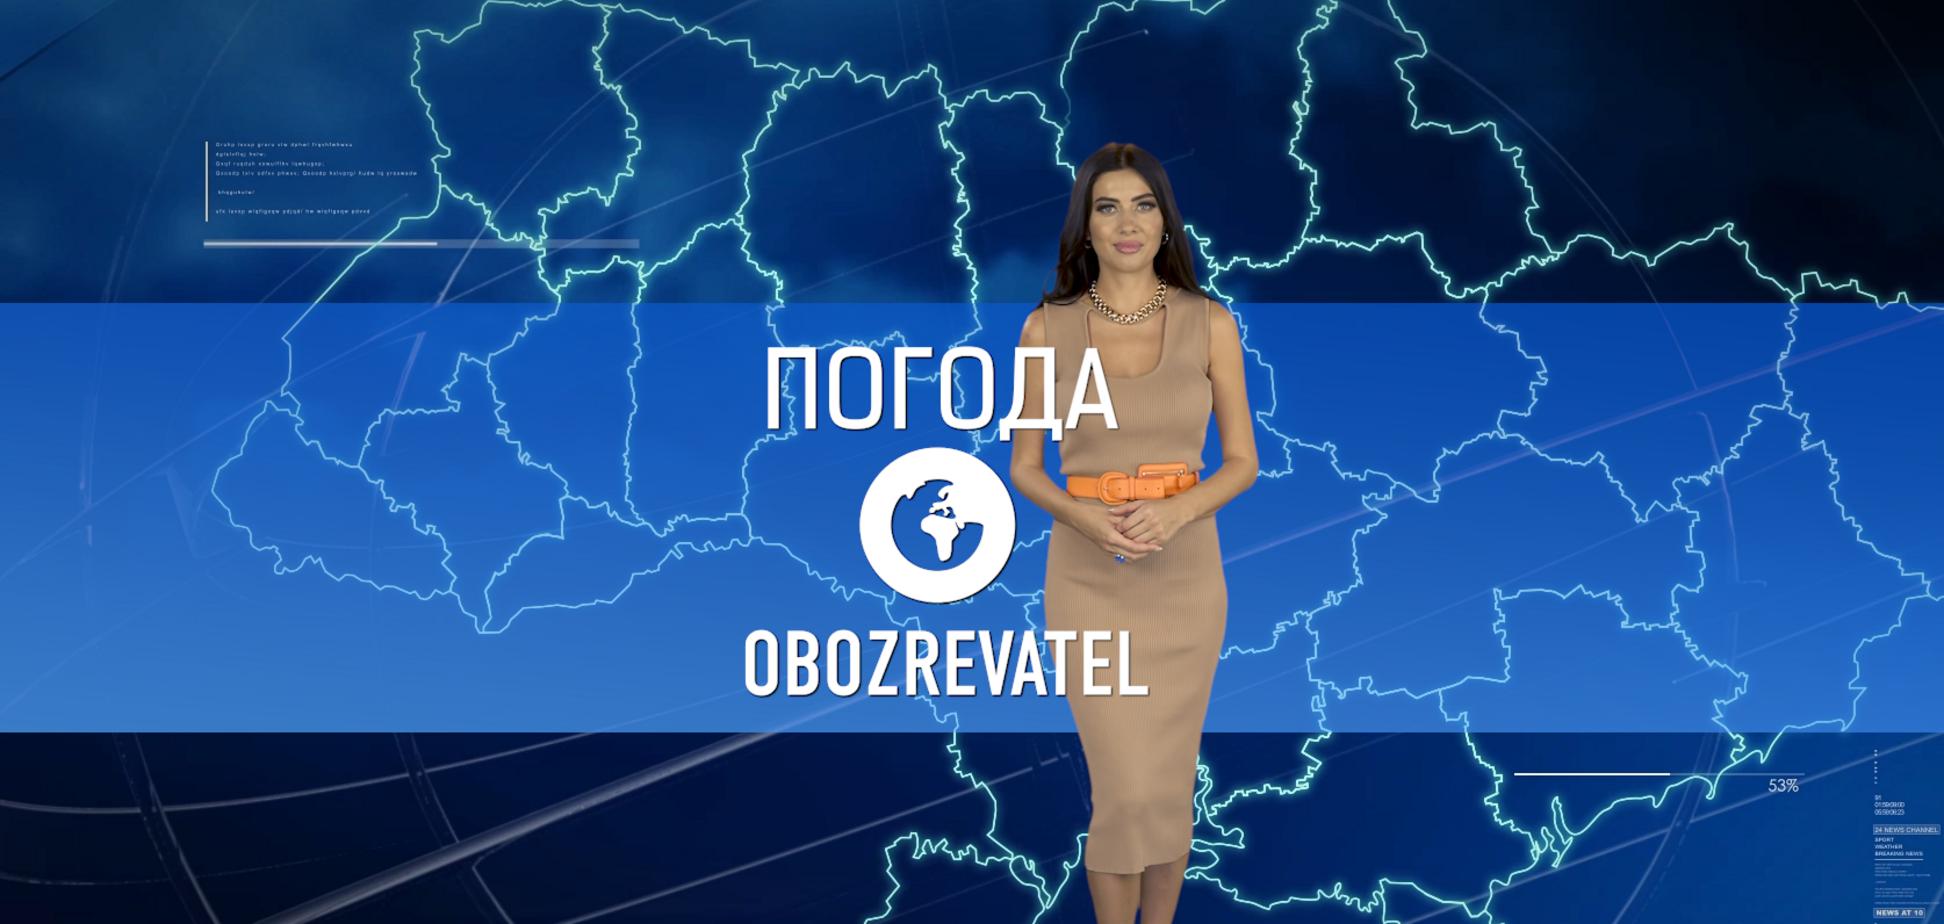 Прогноз погоды в Украине на среду, 22 сентября, с Алисой Мярковской